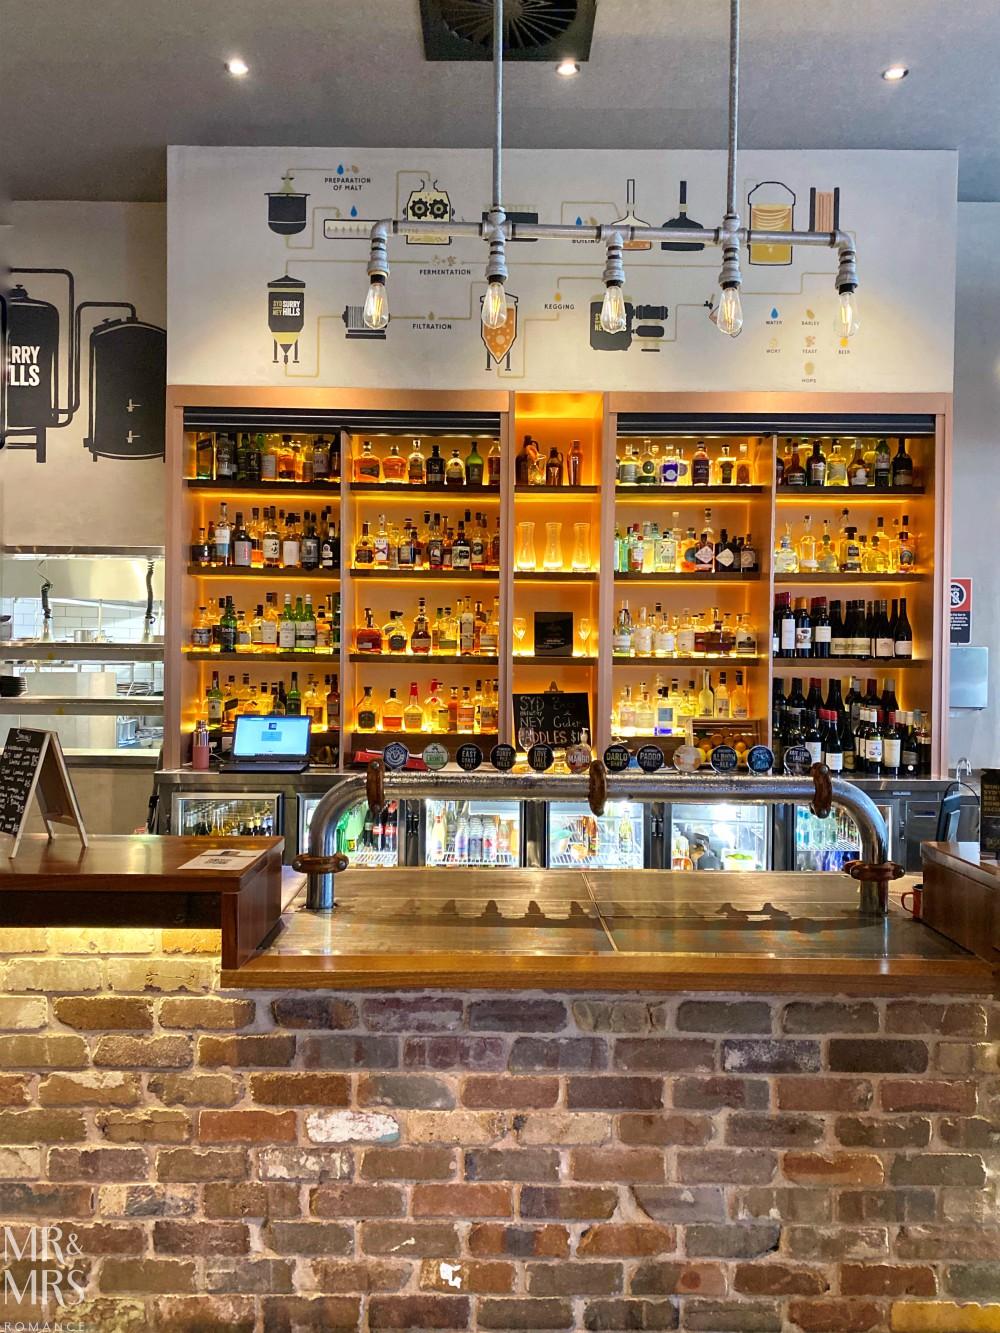 Sydney Brewery bar